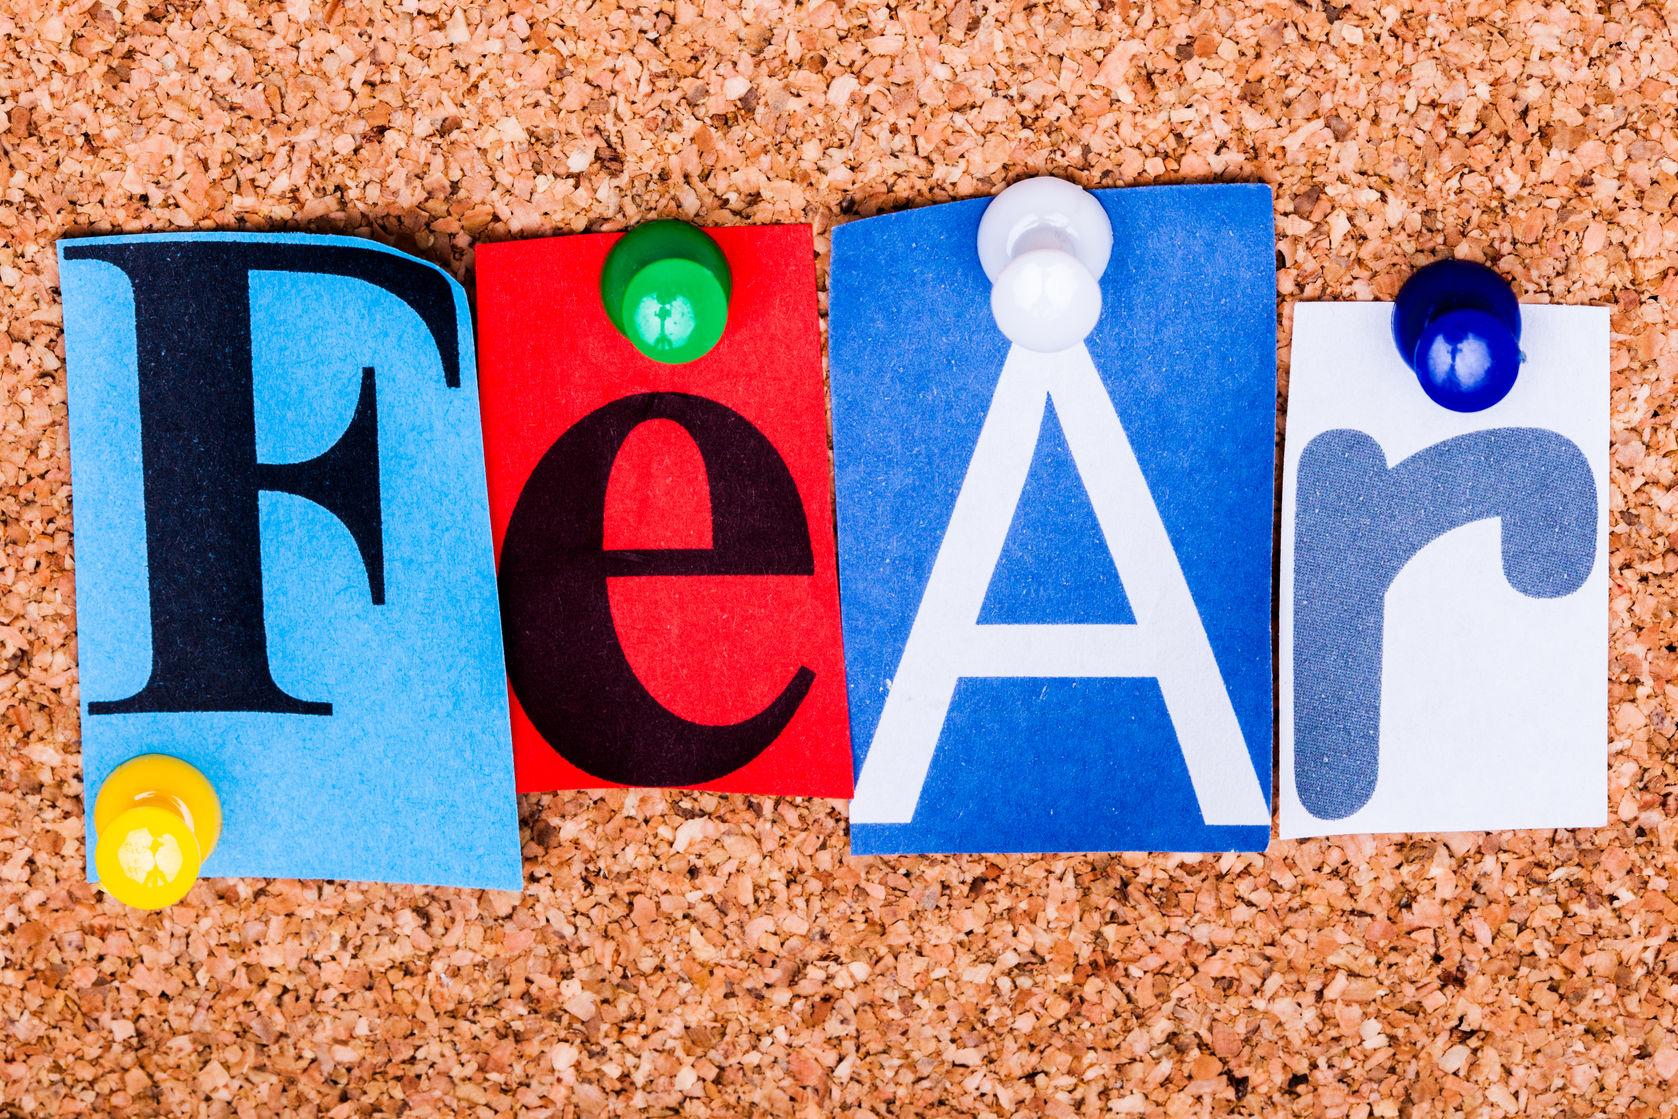 FEAR_Steve Scheier